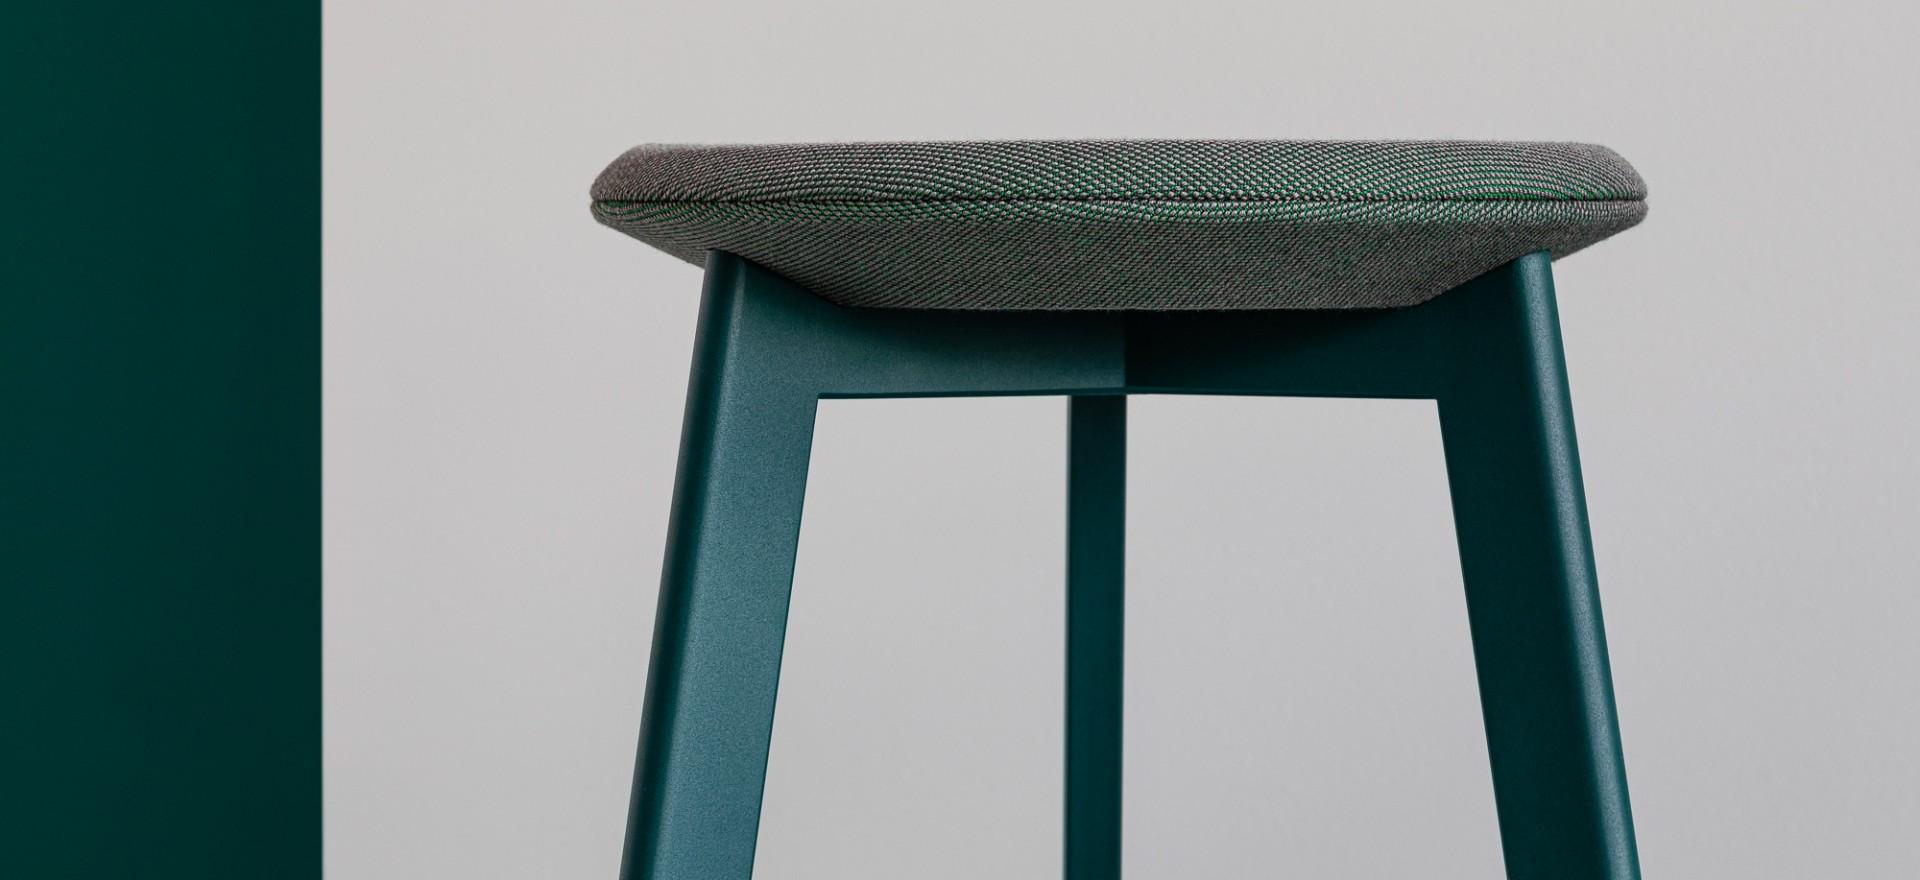 belem seat detail 2